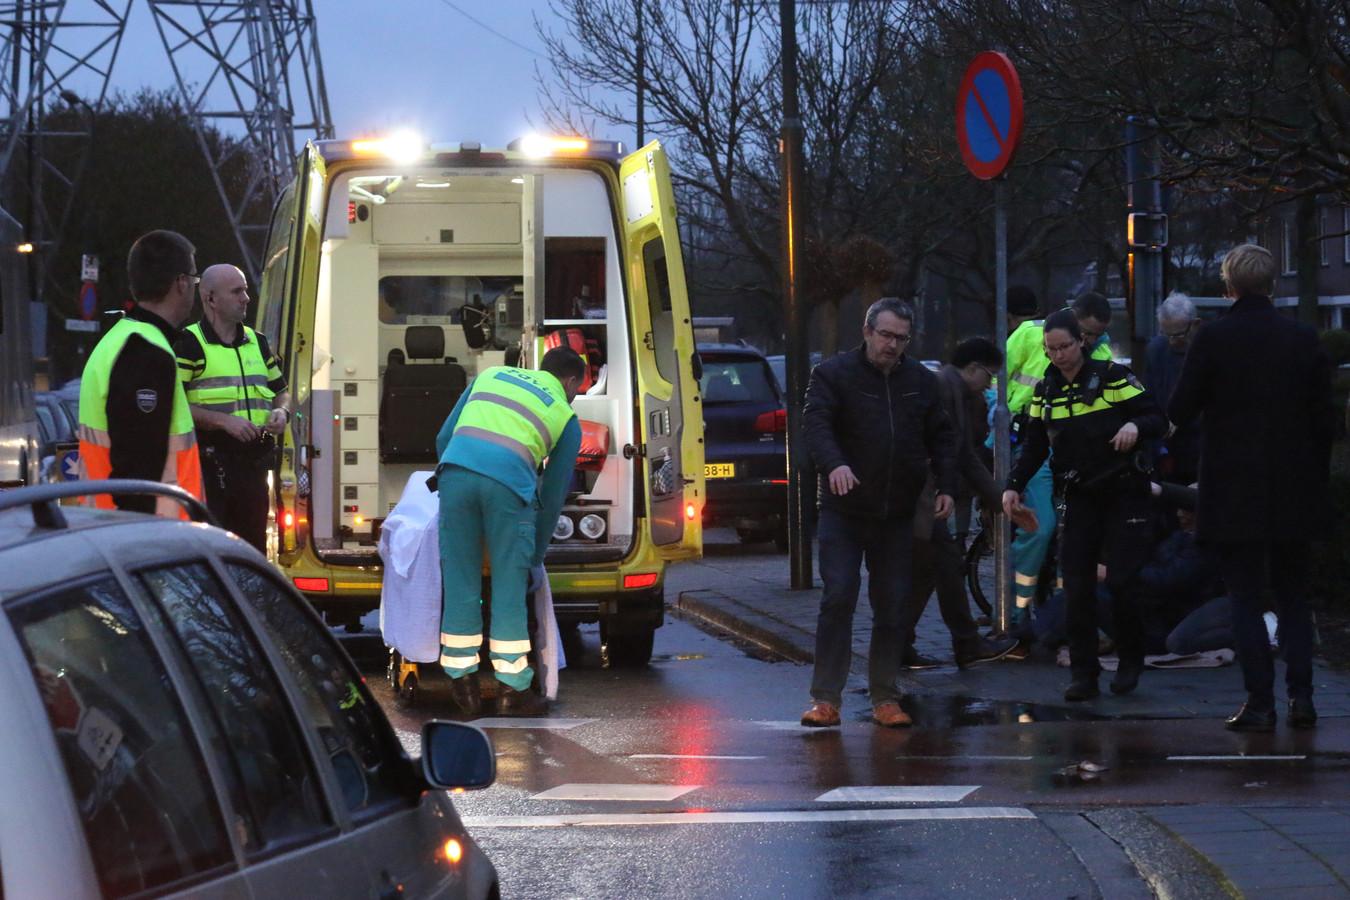 De fietser werd aangereden op de Goudvink in Veenendaal en raakte daarbij gewond.